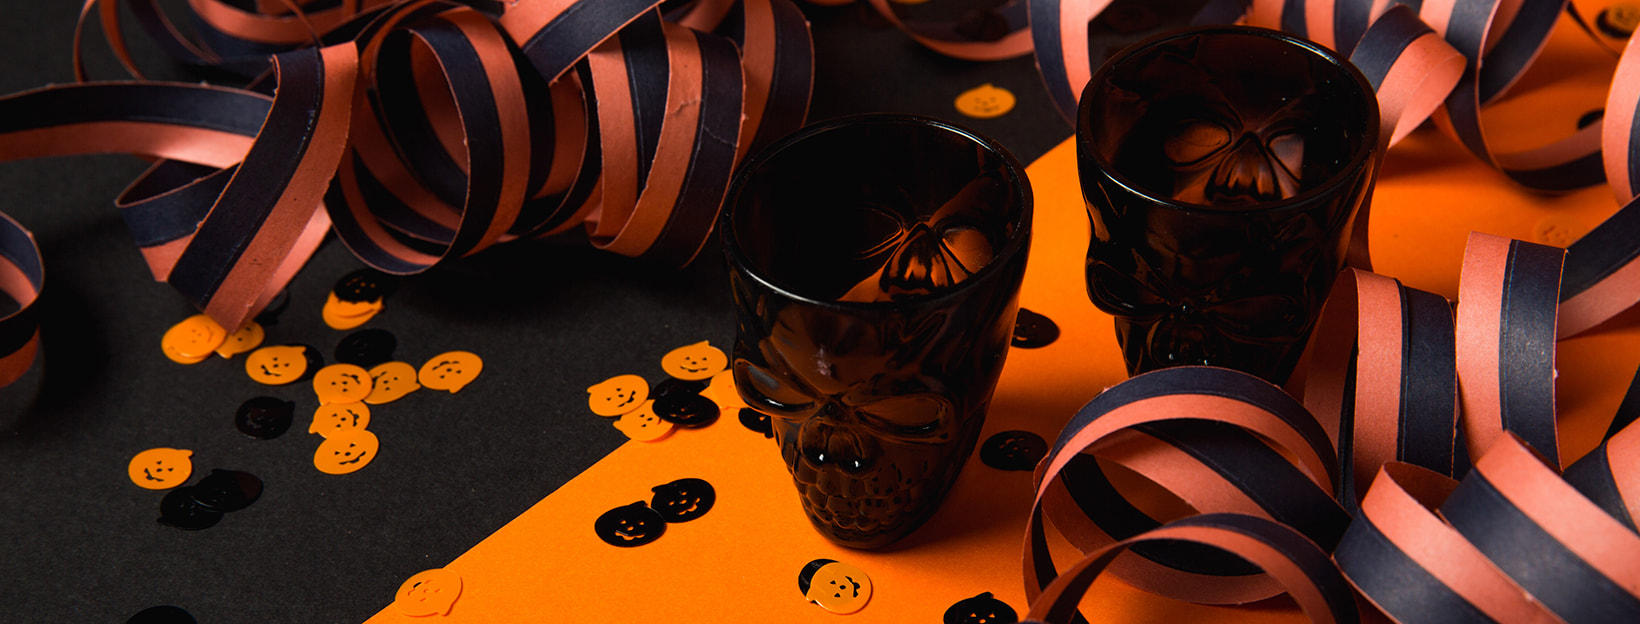 Einladung zur Halloween-Party